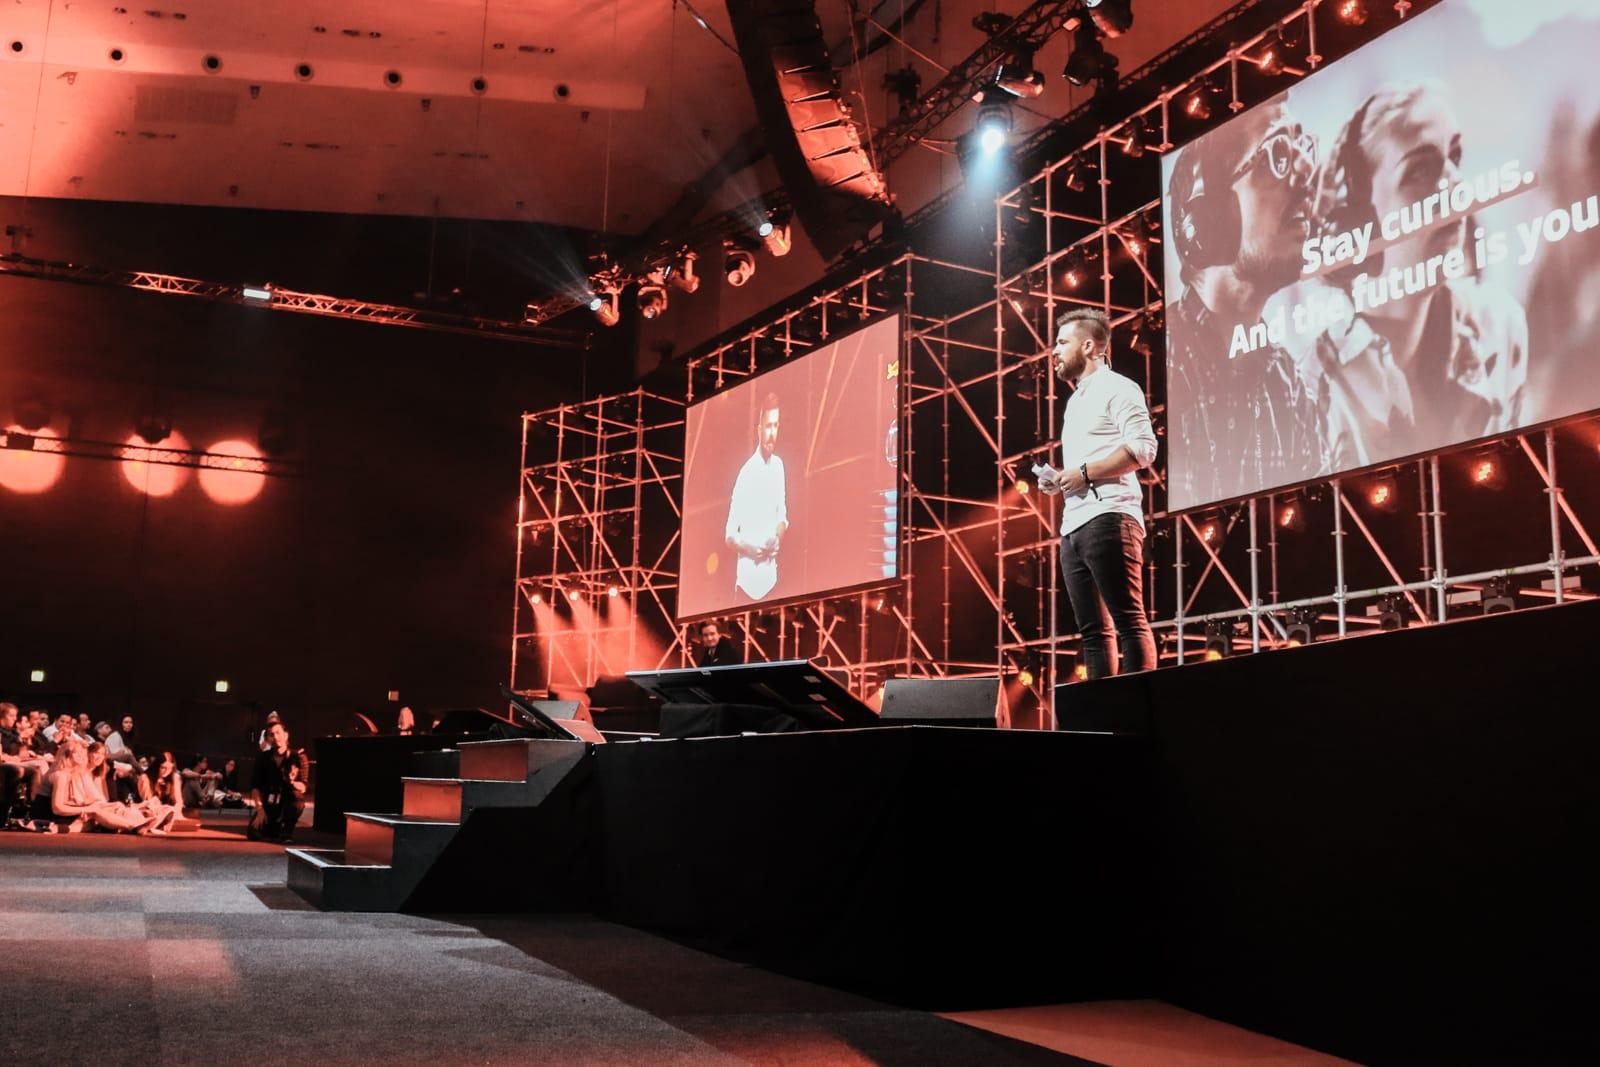 Stefan giving his opening speech at Fifteen Seconds 2018